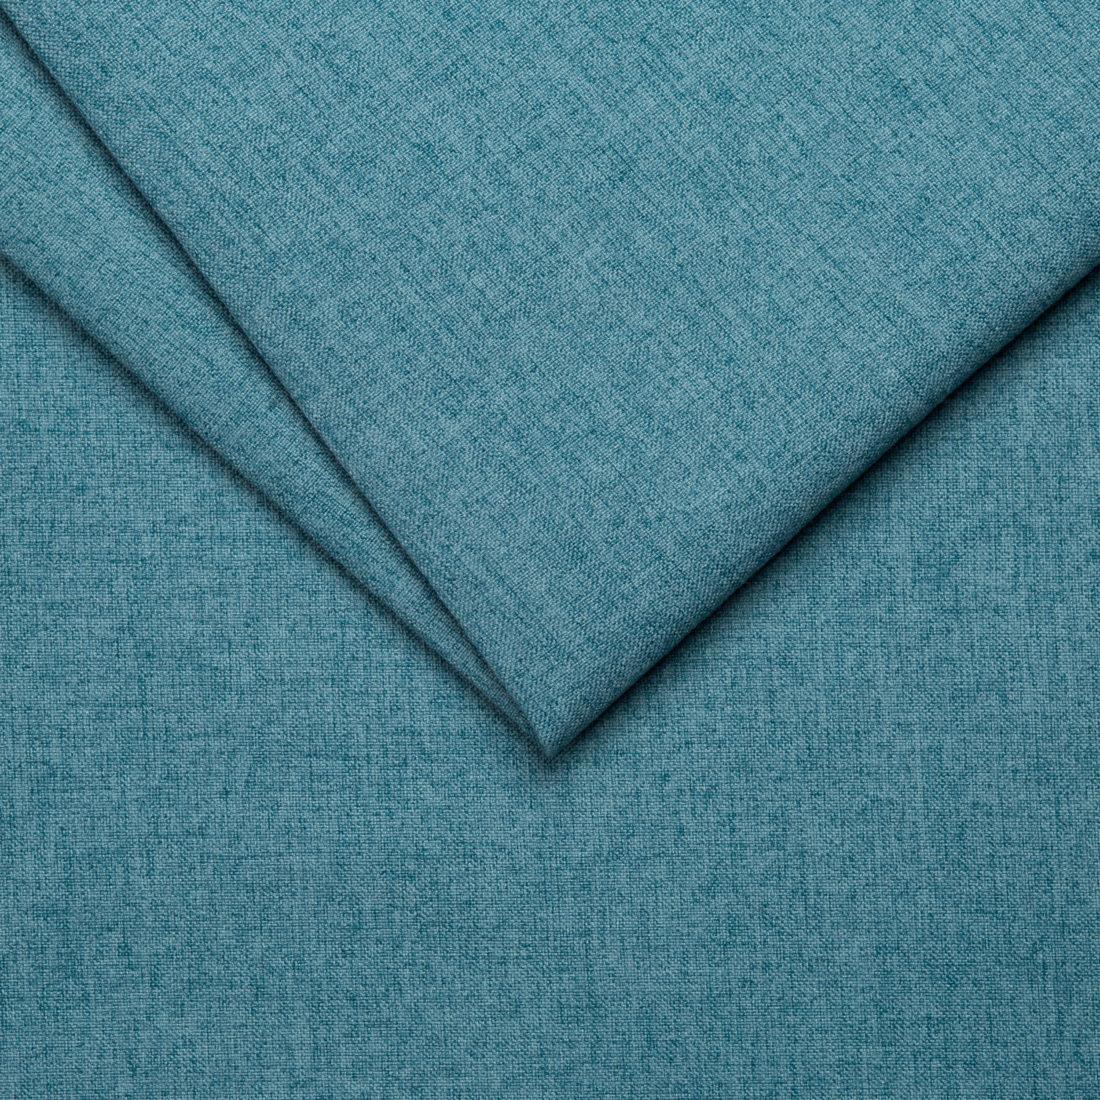 Мебельная ткань Cashmere 15 Petrol, рогожка